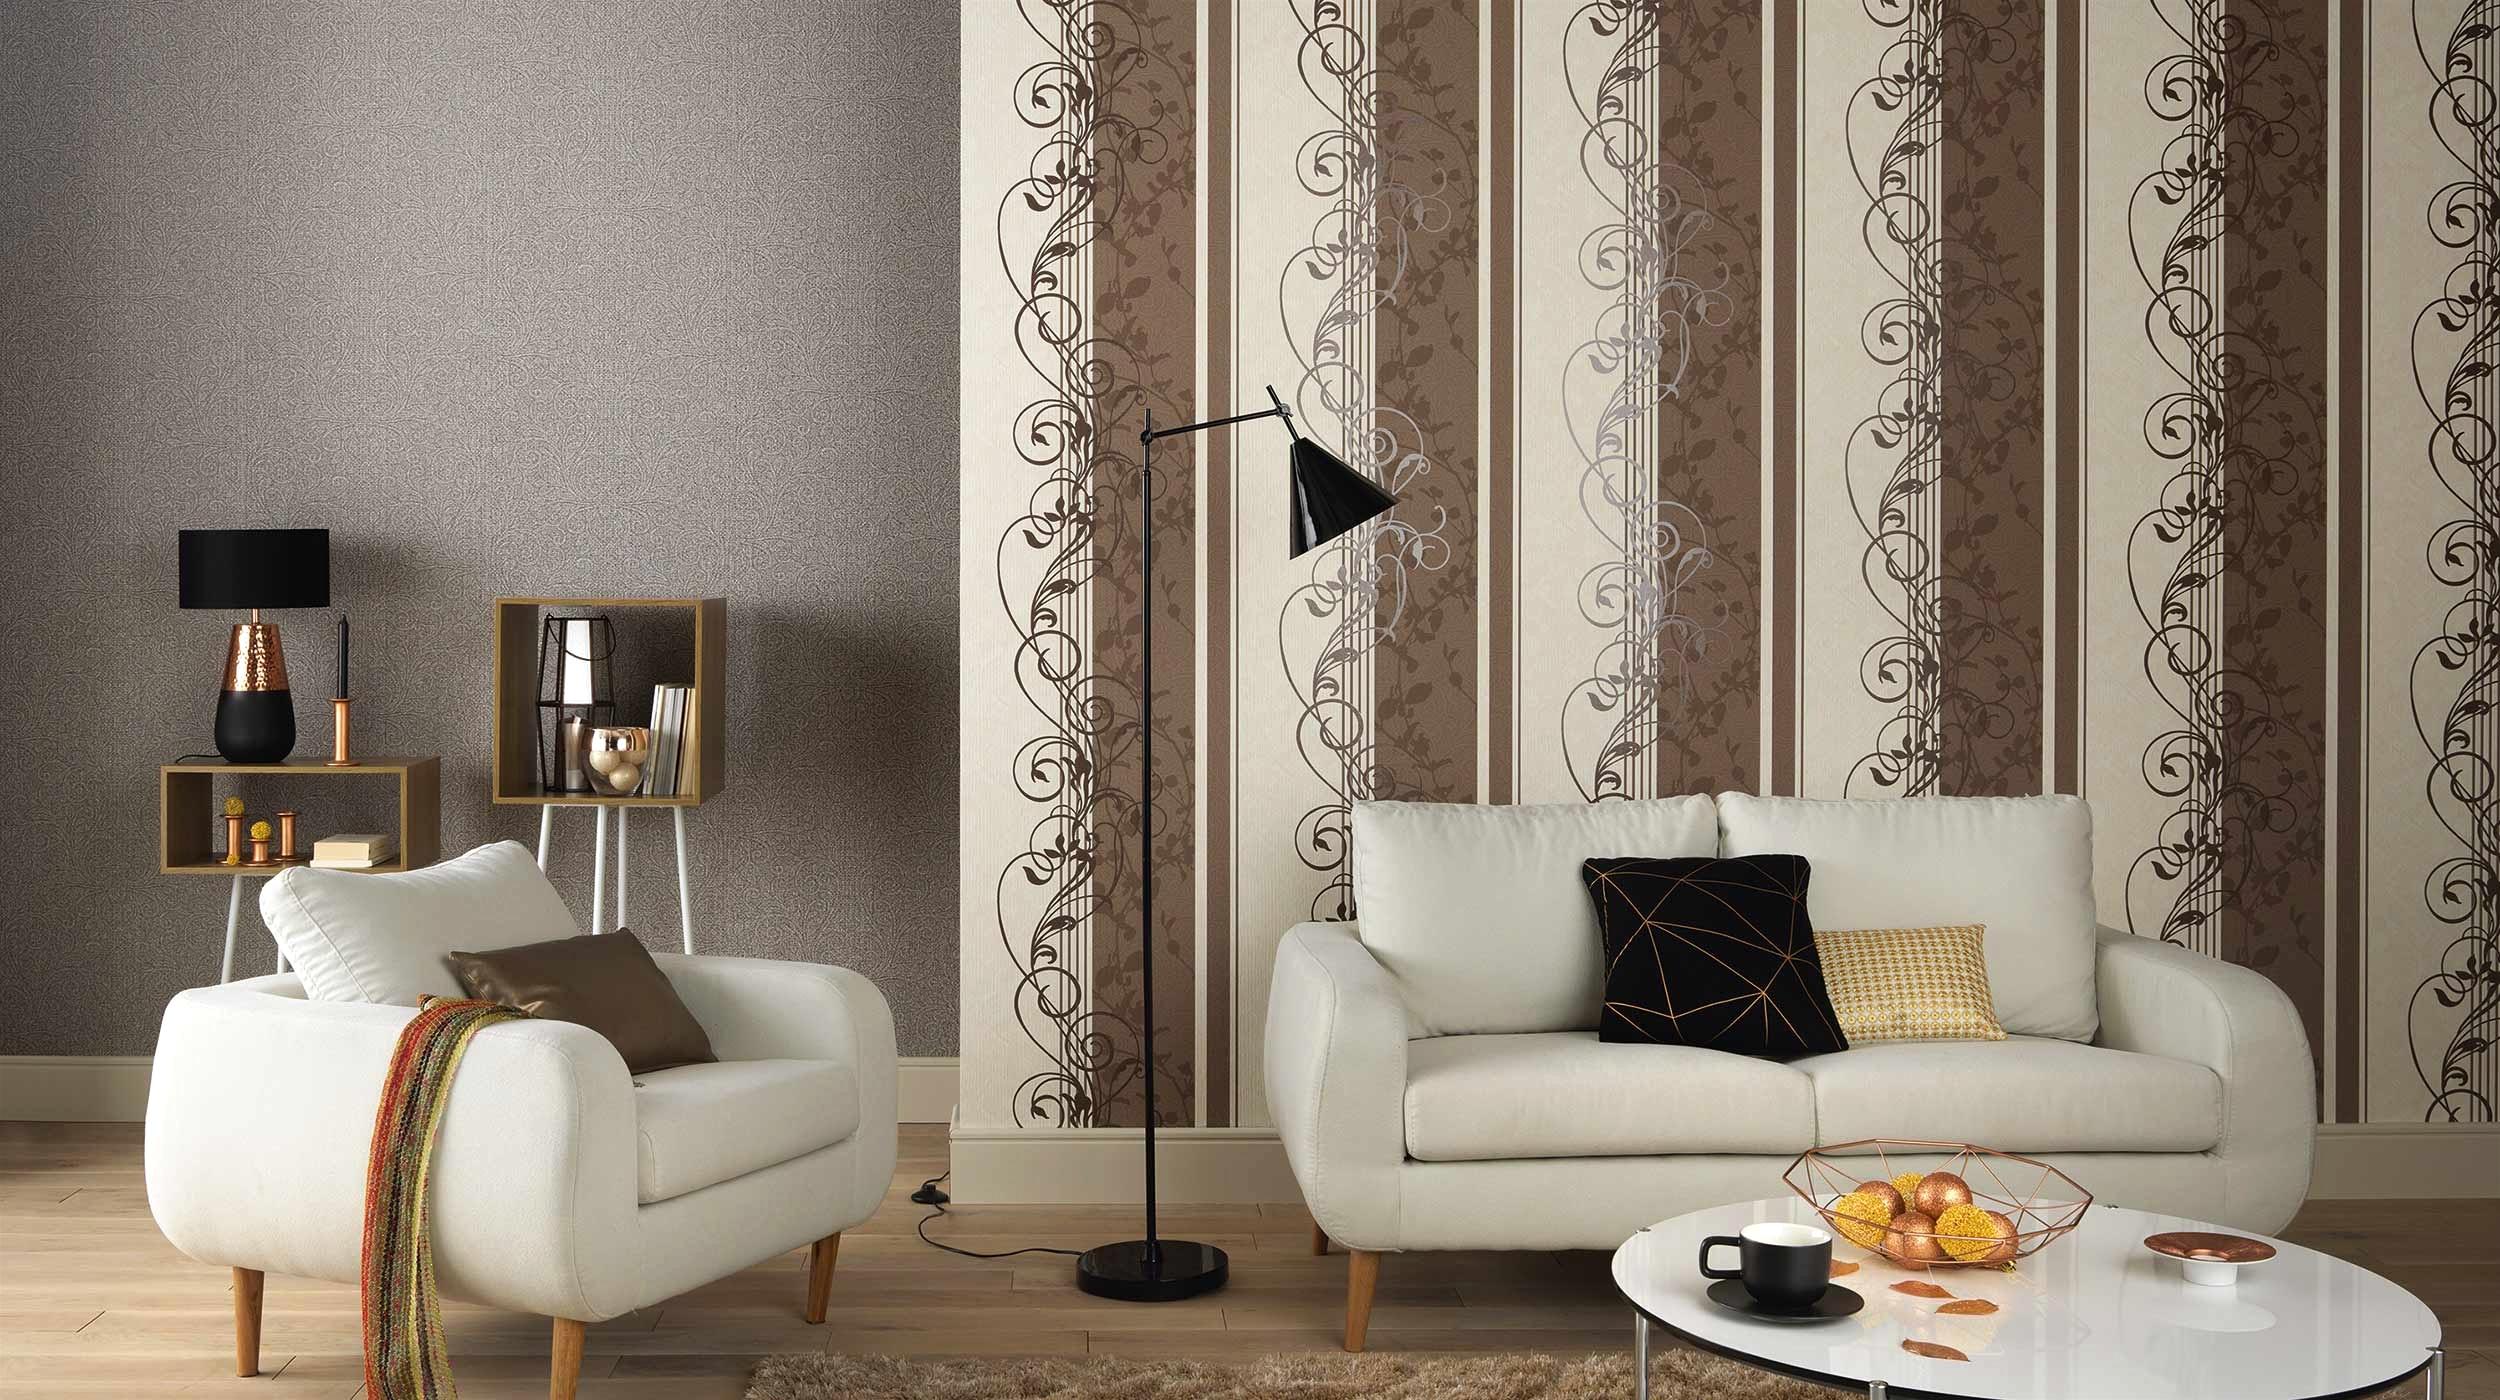 Wohnzimmer Tapeten 2015 Modern On überall Verwirrend Dekoration Ideen 5